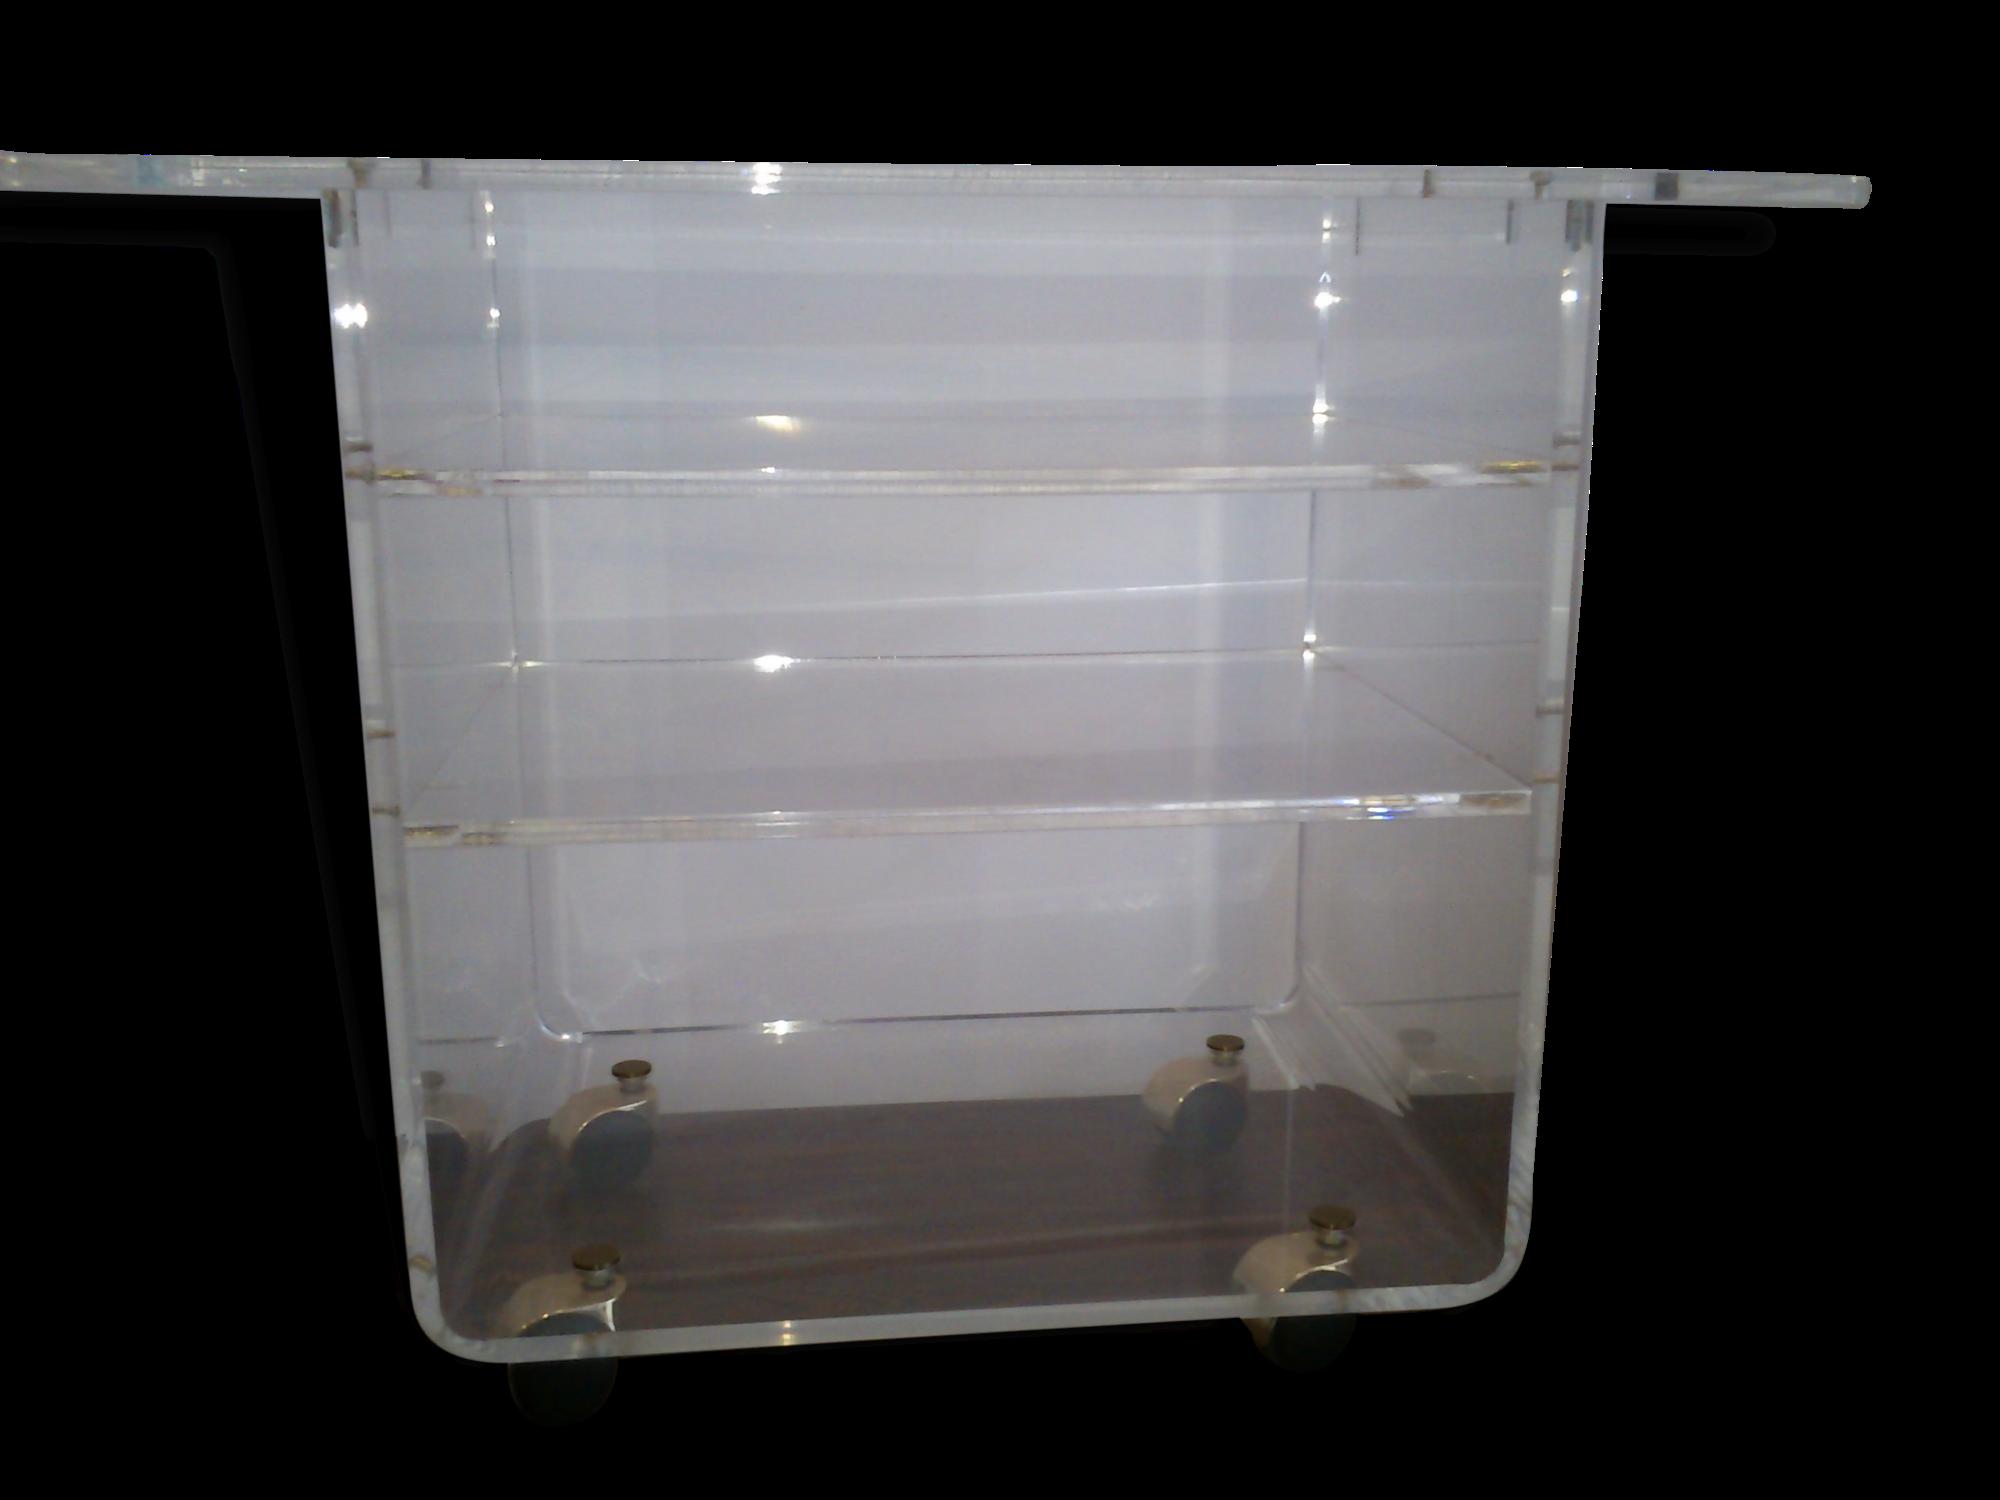 Meuble En Plexiglas Les Bureaux Home Crations Dans Bureau  # Meuble Tv Sur Roulettes First Plexiglass